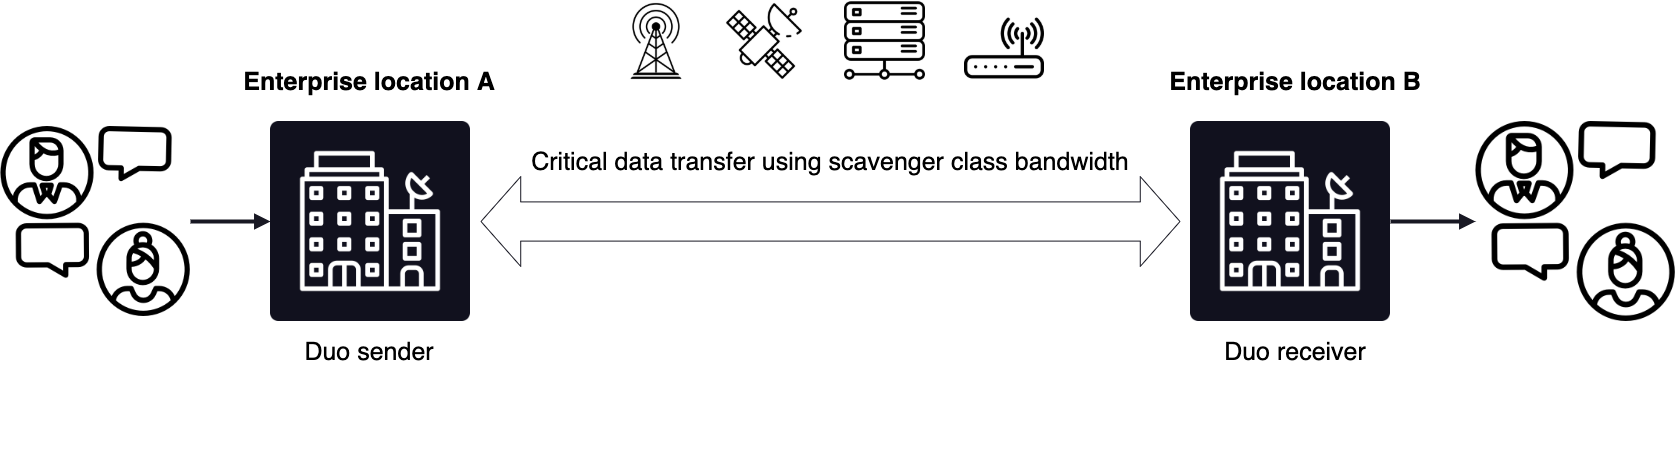 Integration into a SD-WAN diagram